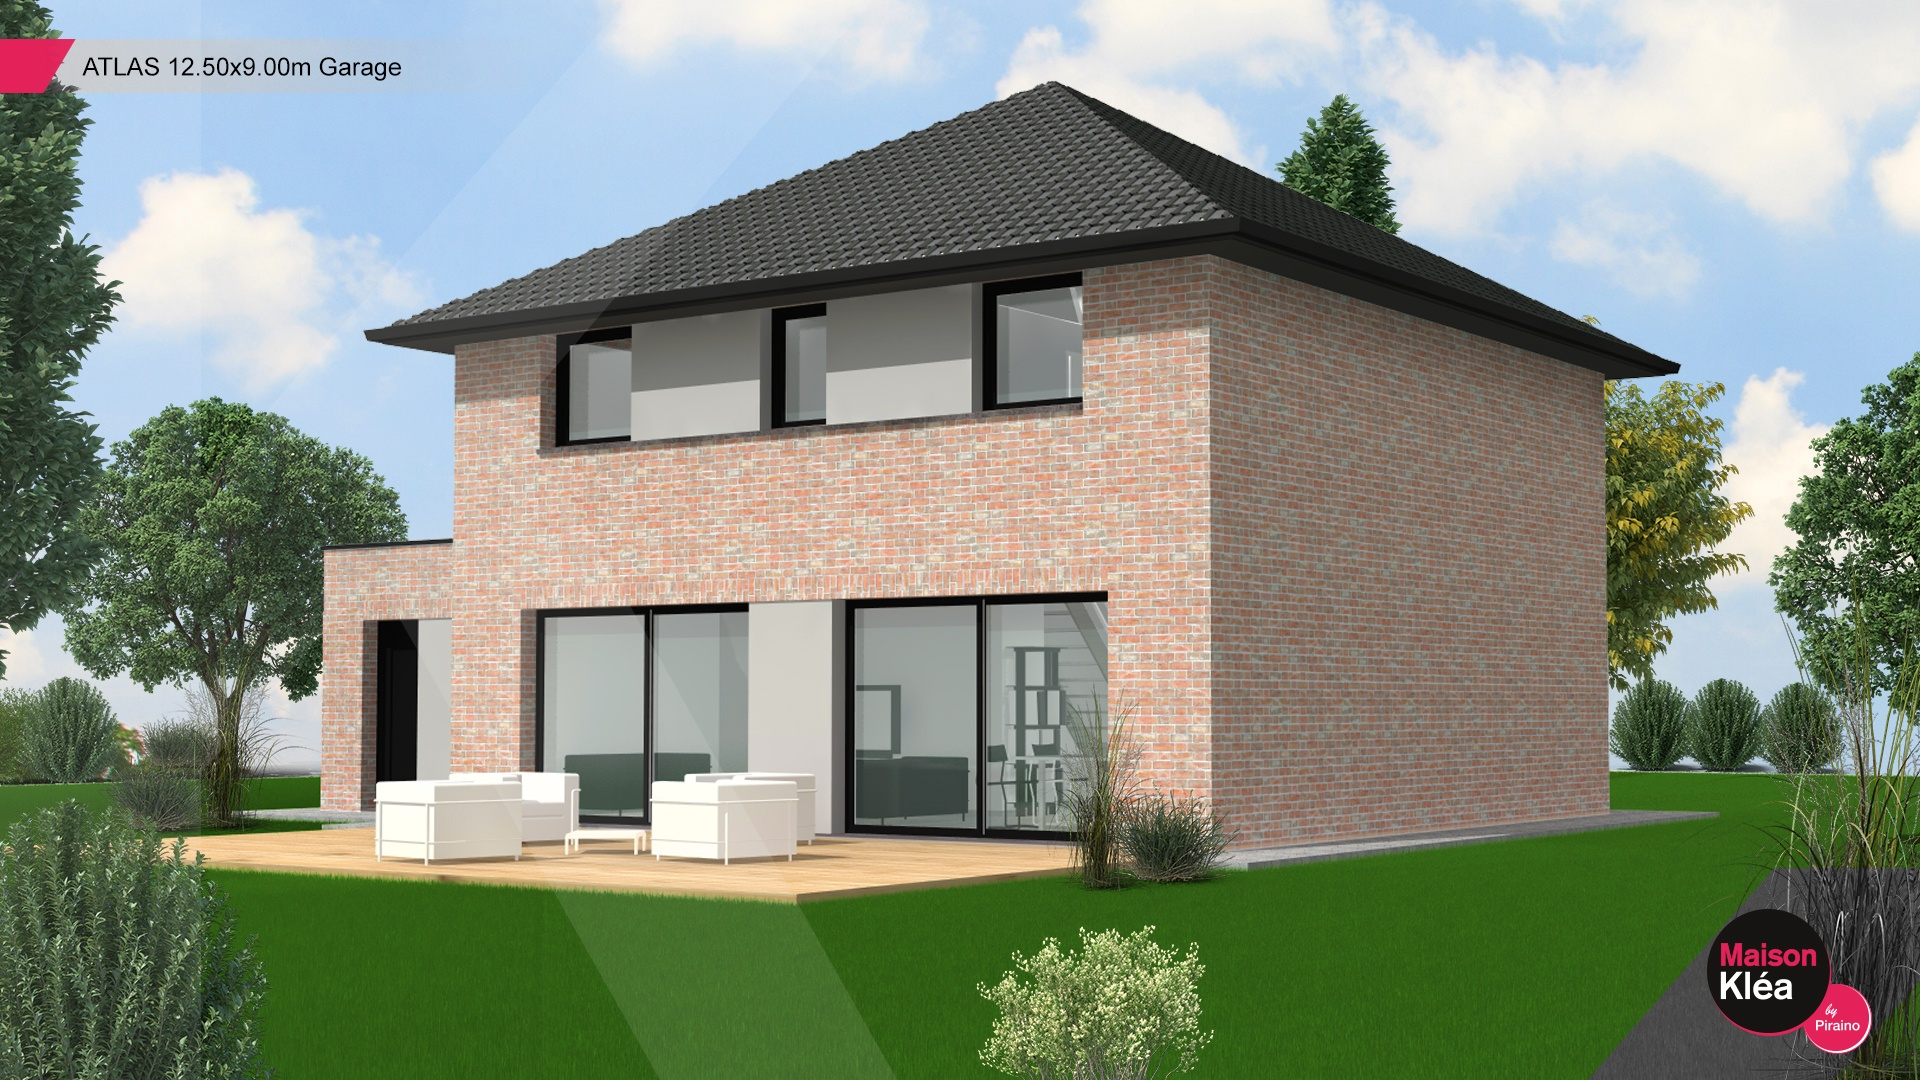 Terrain et maison à construire Faumont 128m²